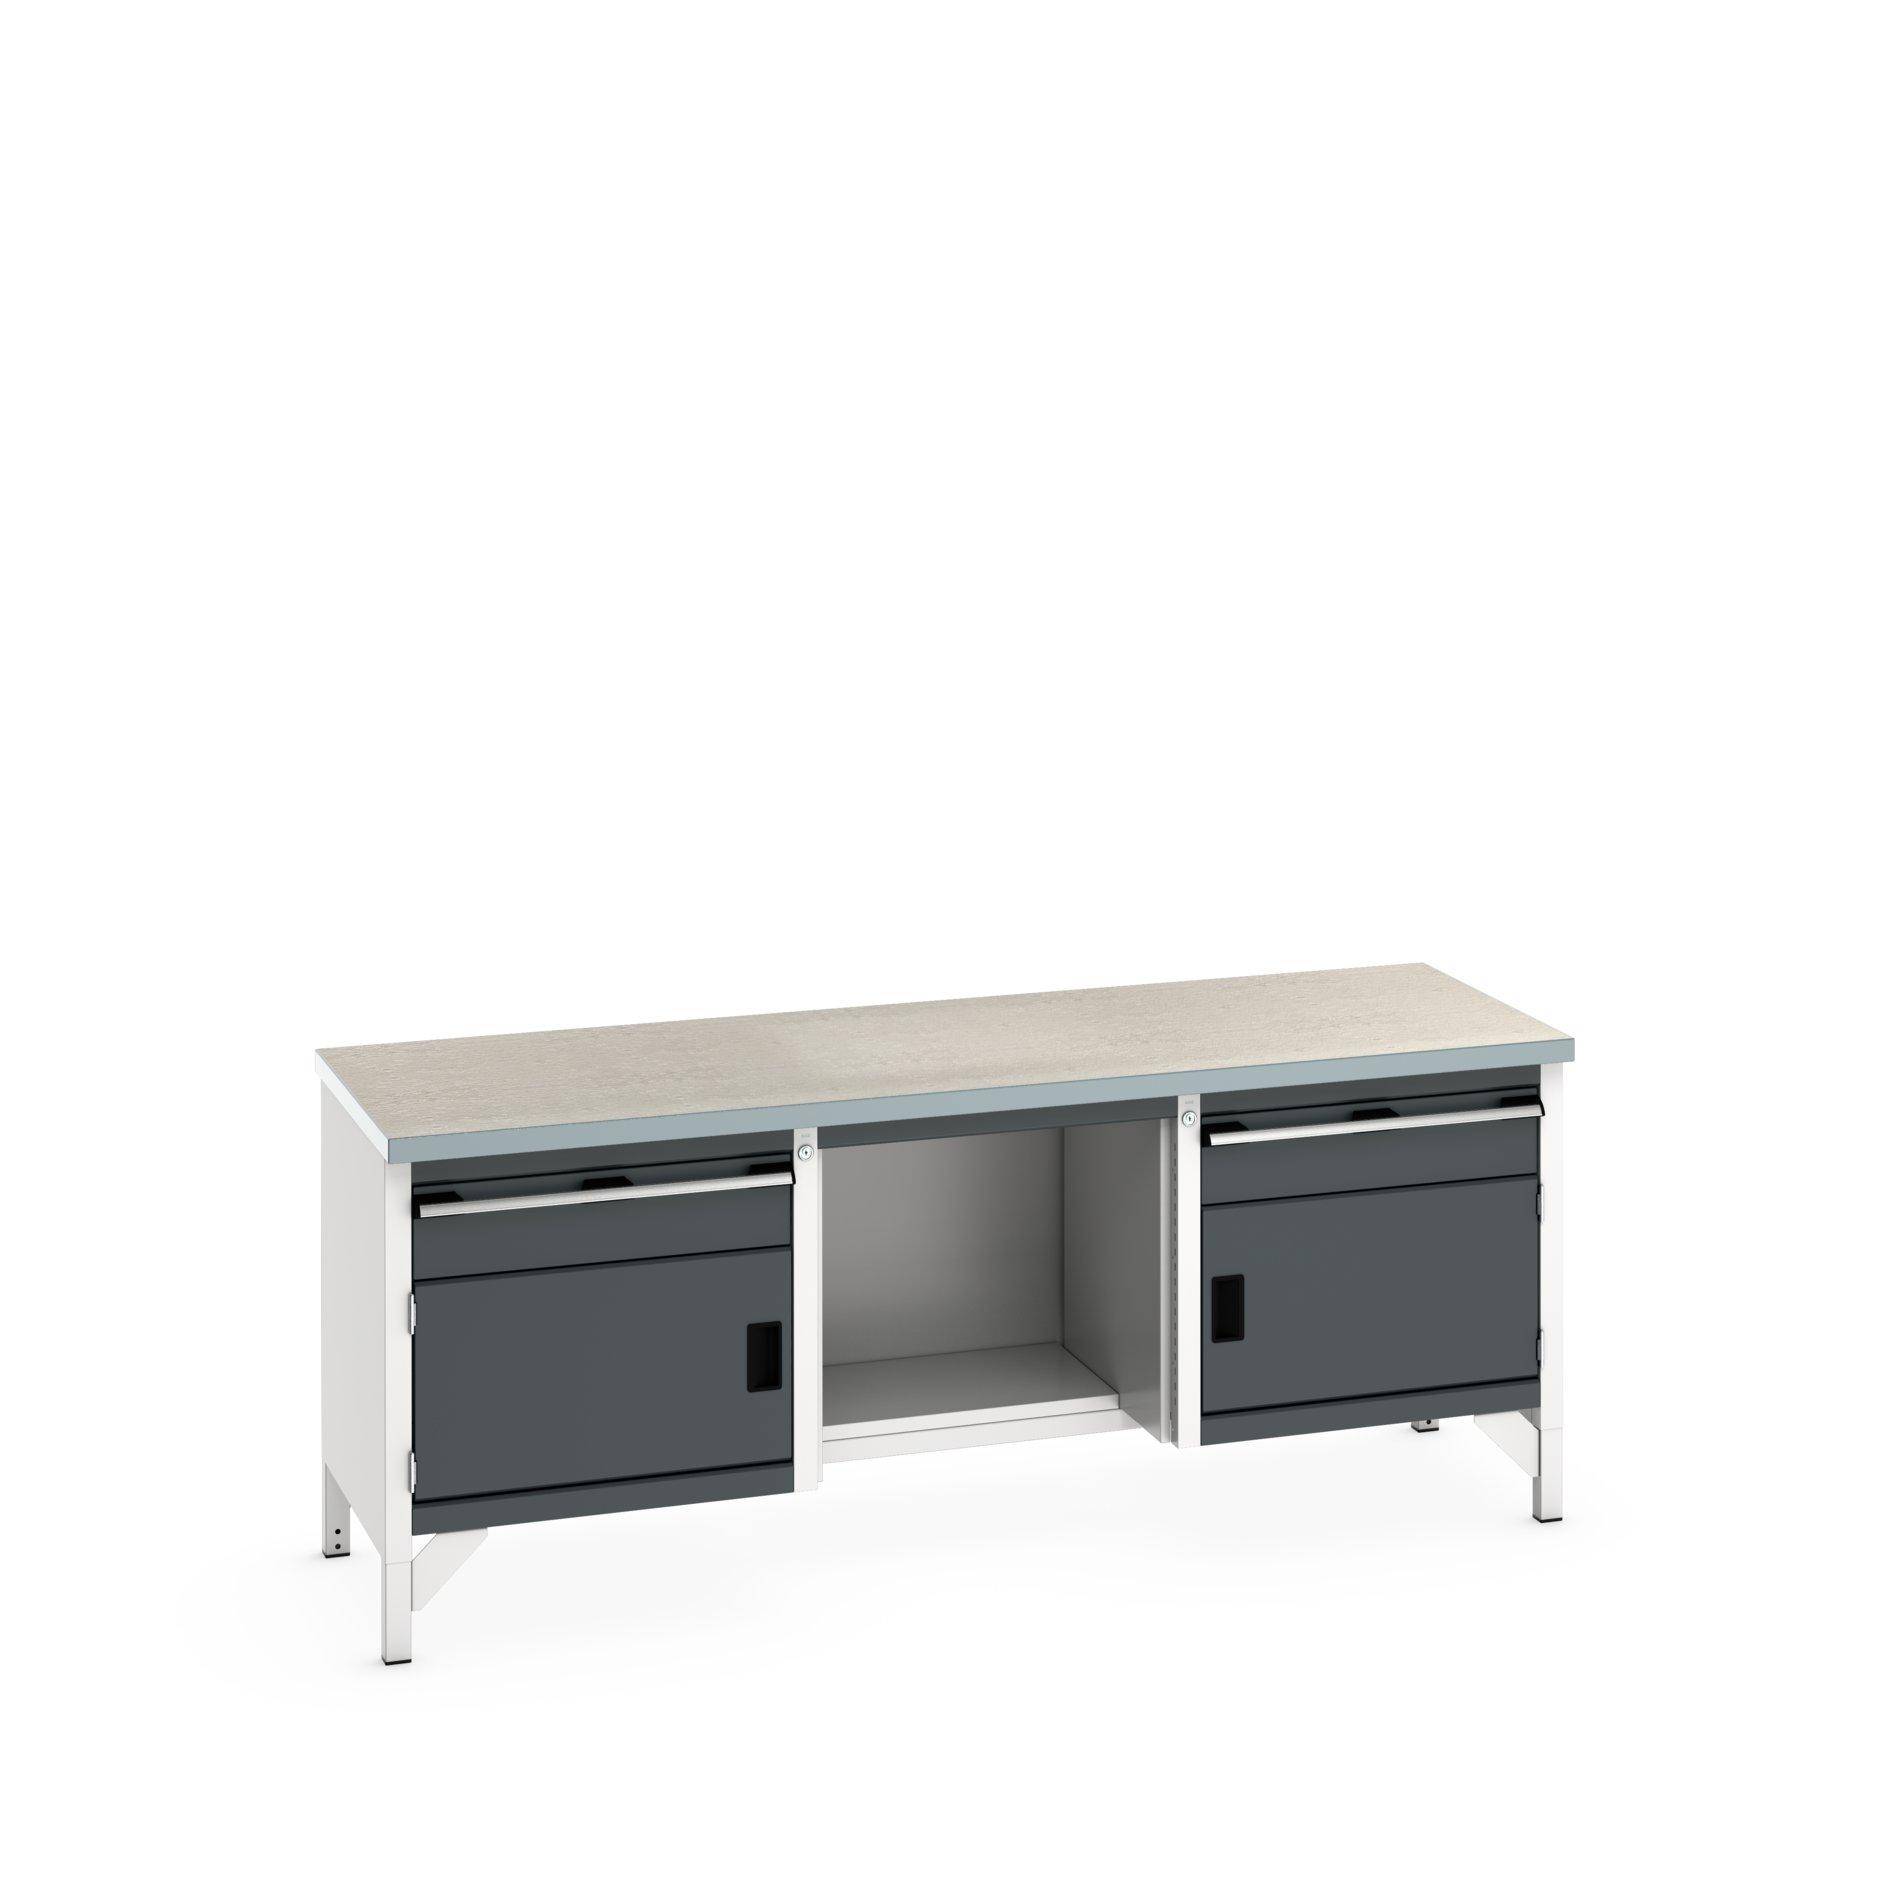 Bott Cubio Storage Bench With 1 Drawer-Door Cabinet / Open With Half Depth Base Shelf / 1 Drawer-Door Cabinet